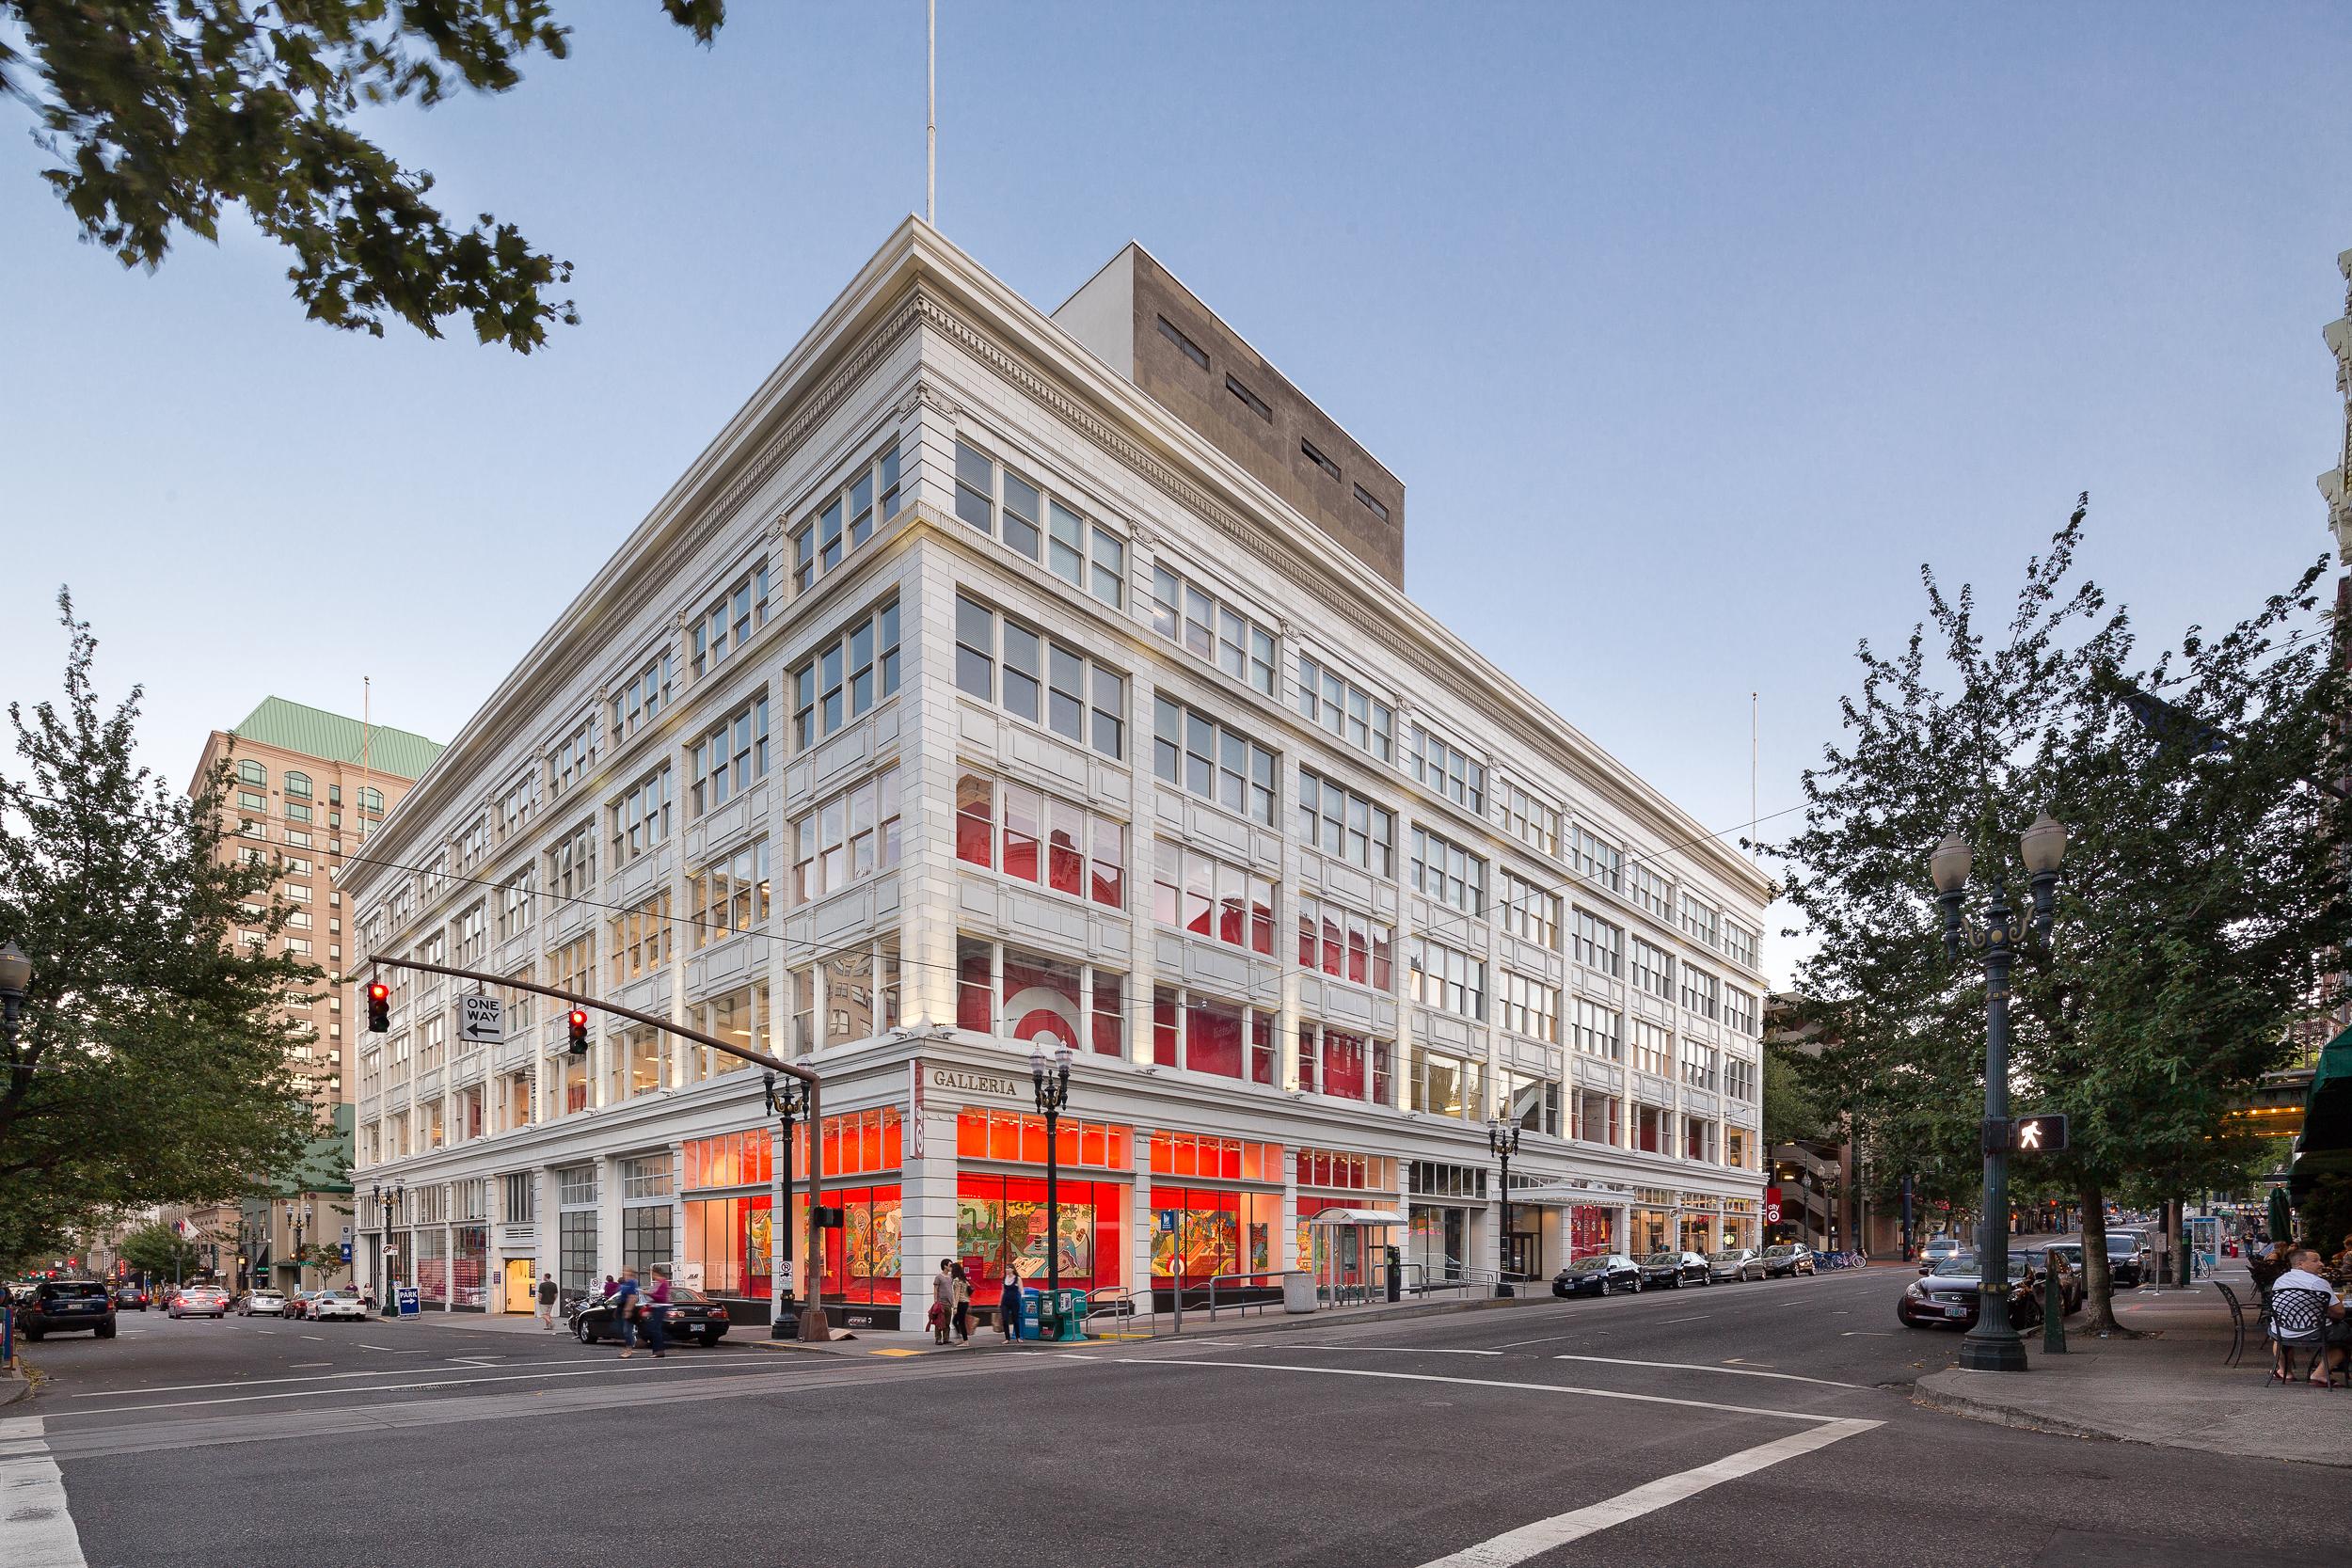 Galleria Building + Target / FFA Architecture + Interiors